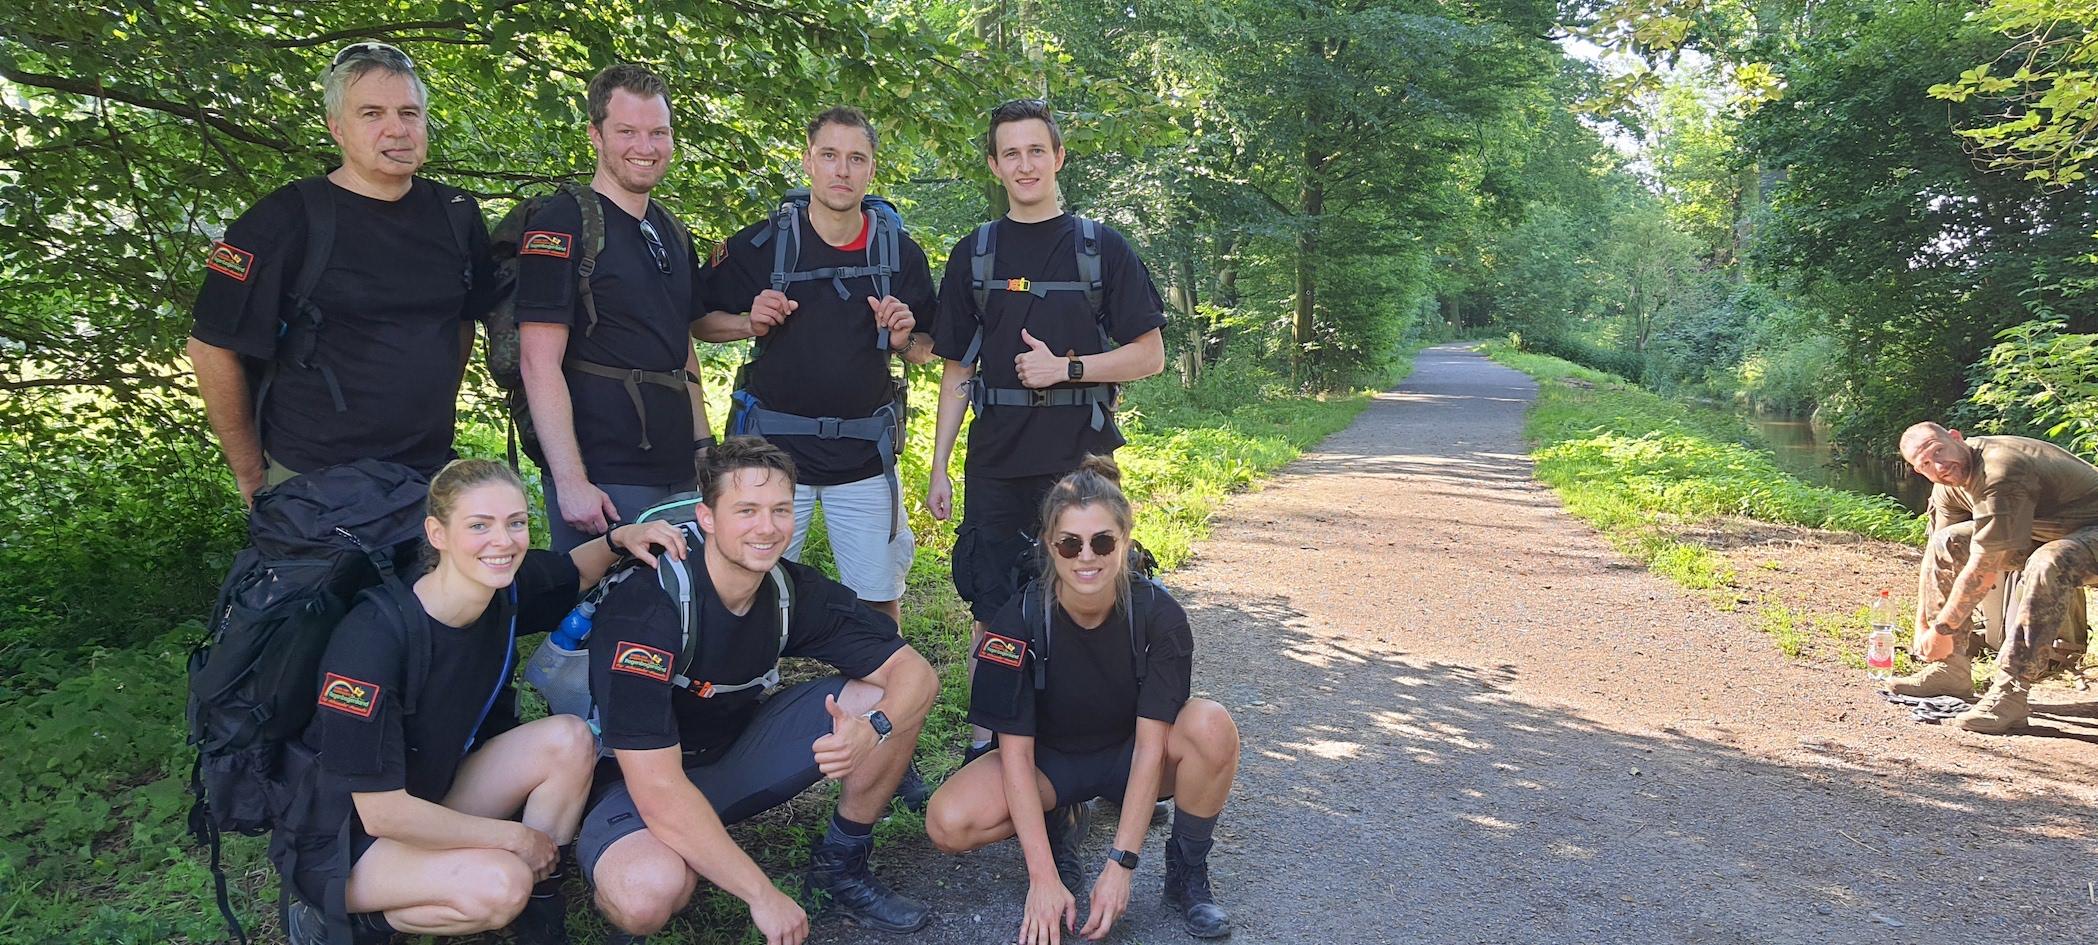 Das Team der Autobahnpolizei Mülheim an der Ruhr.